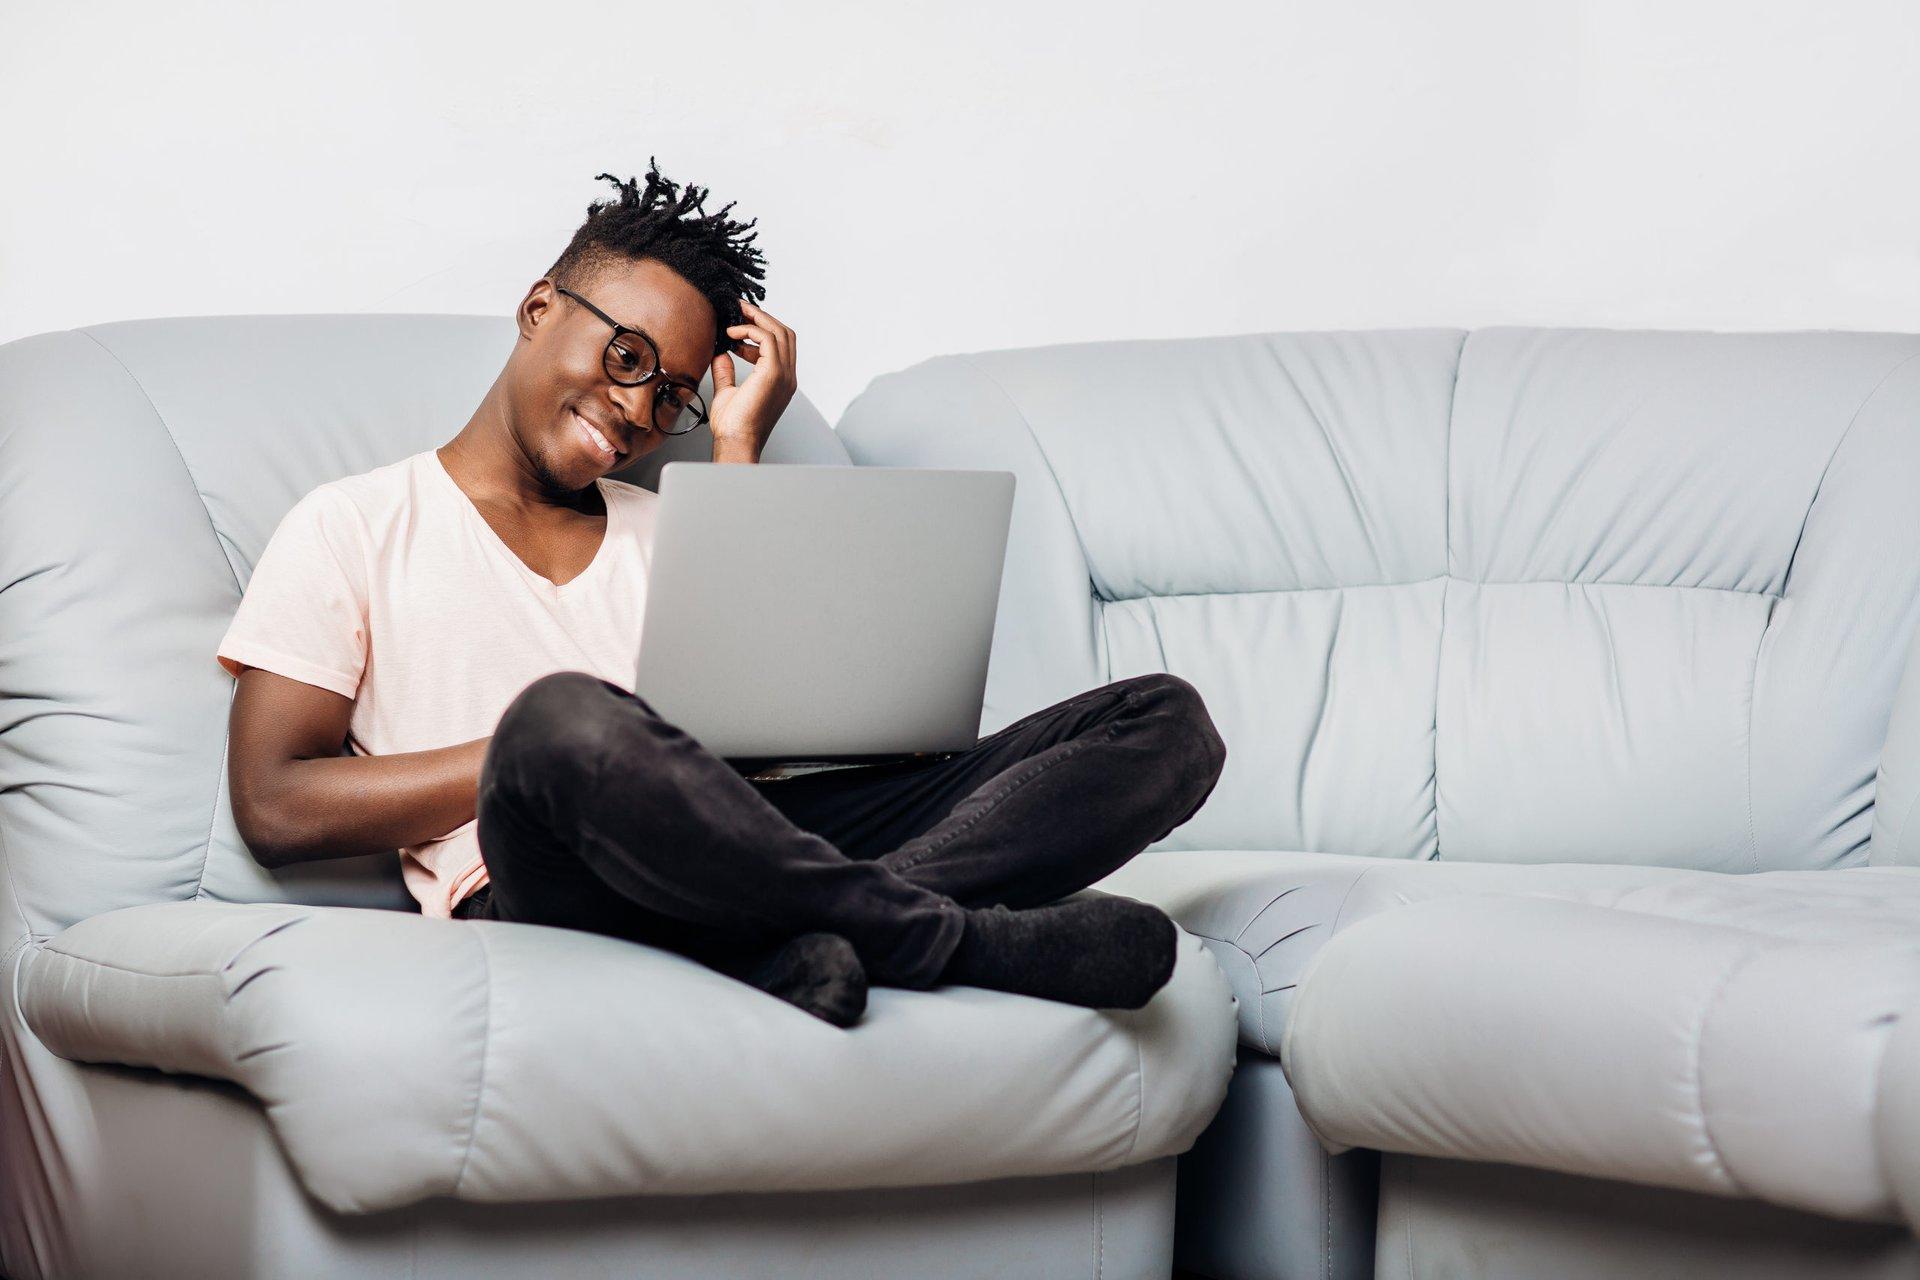 Man using free antivirus software on a laptop